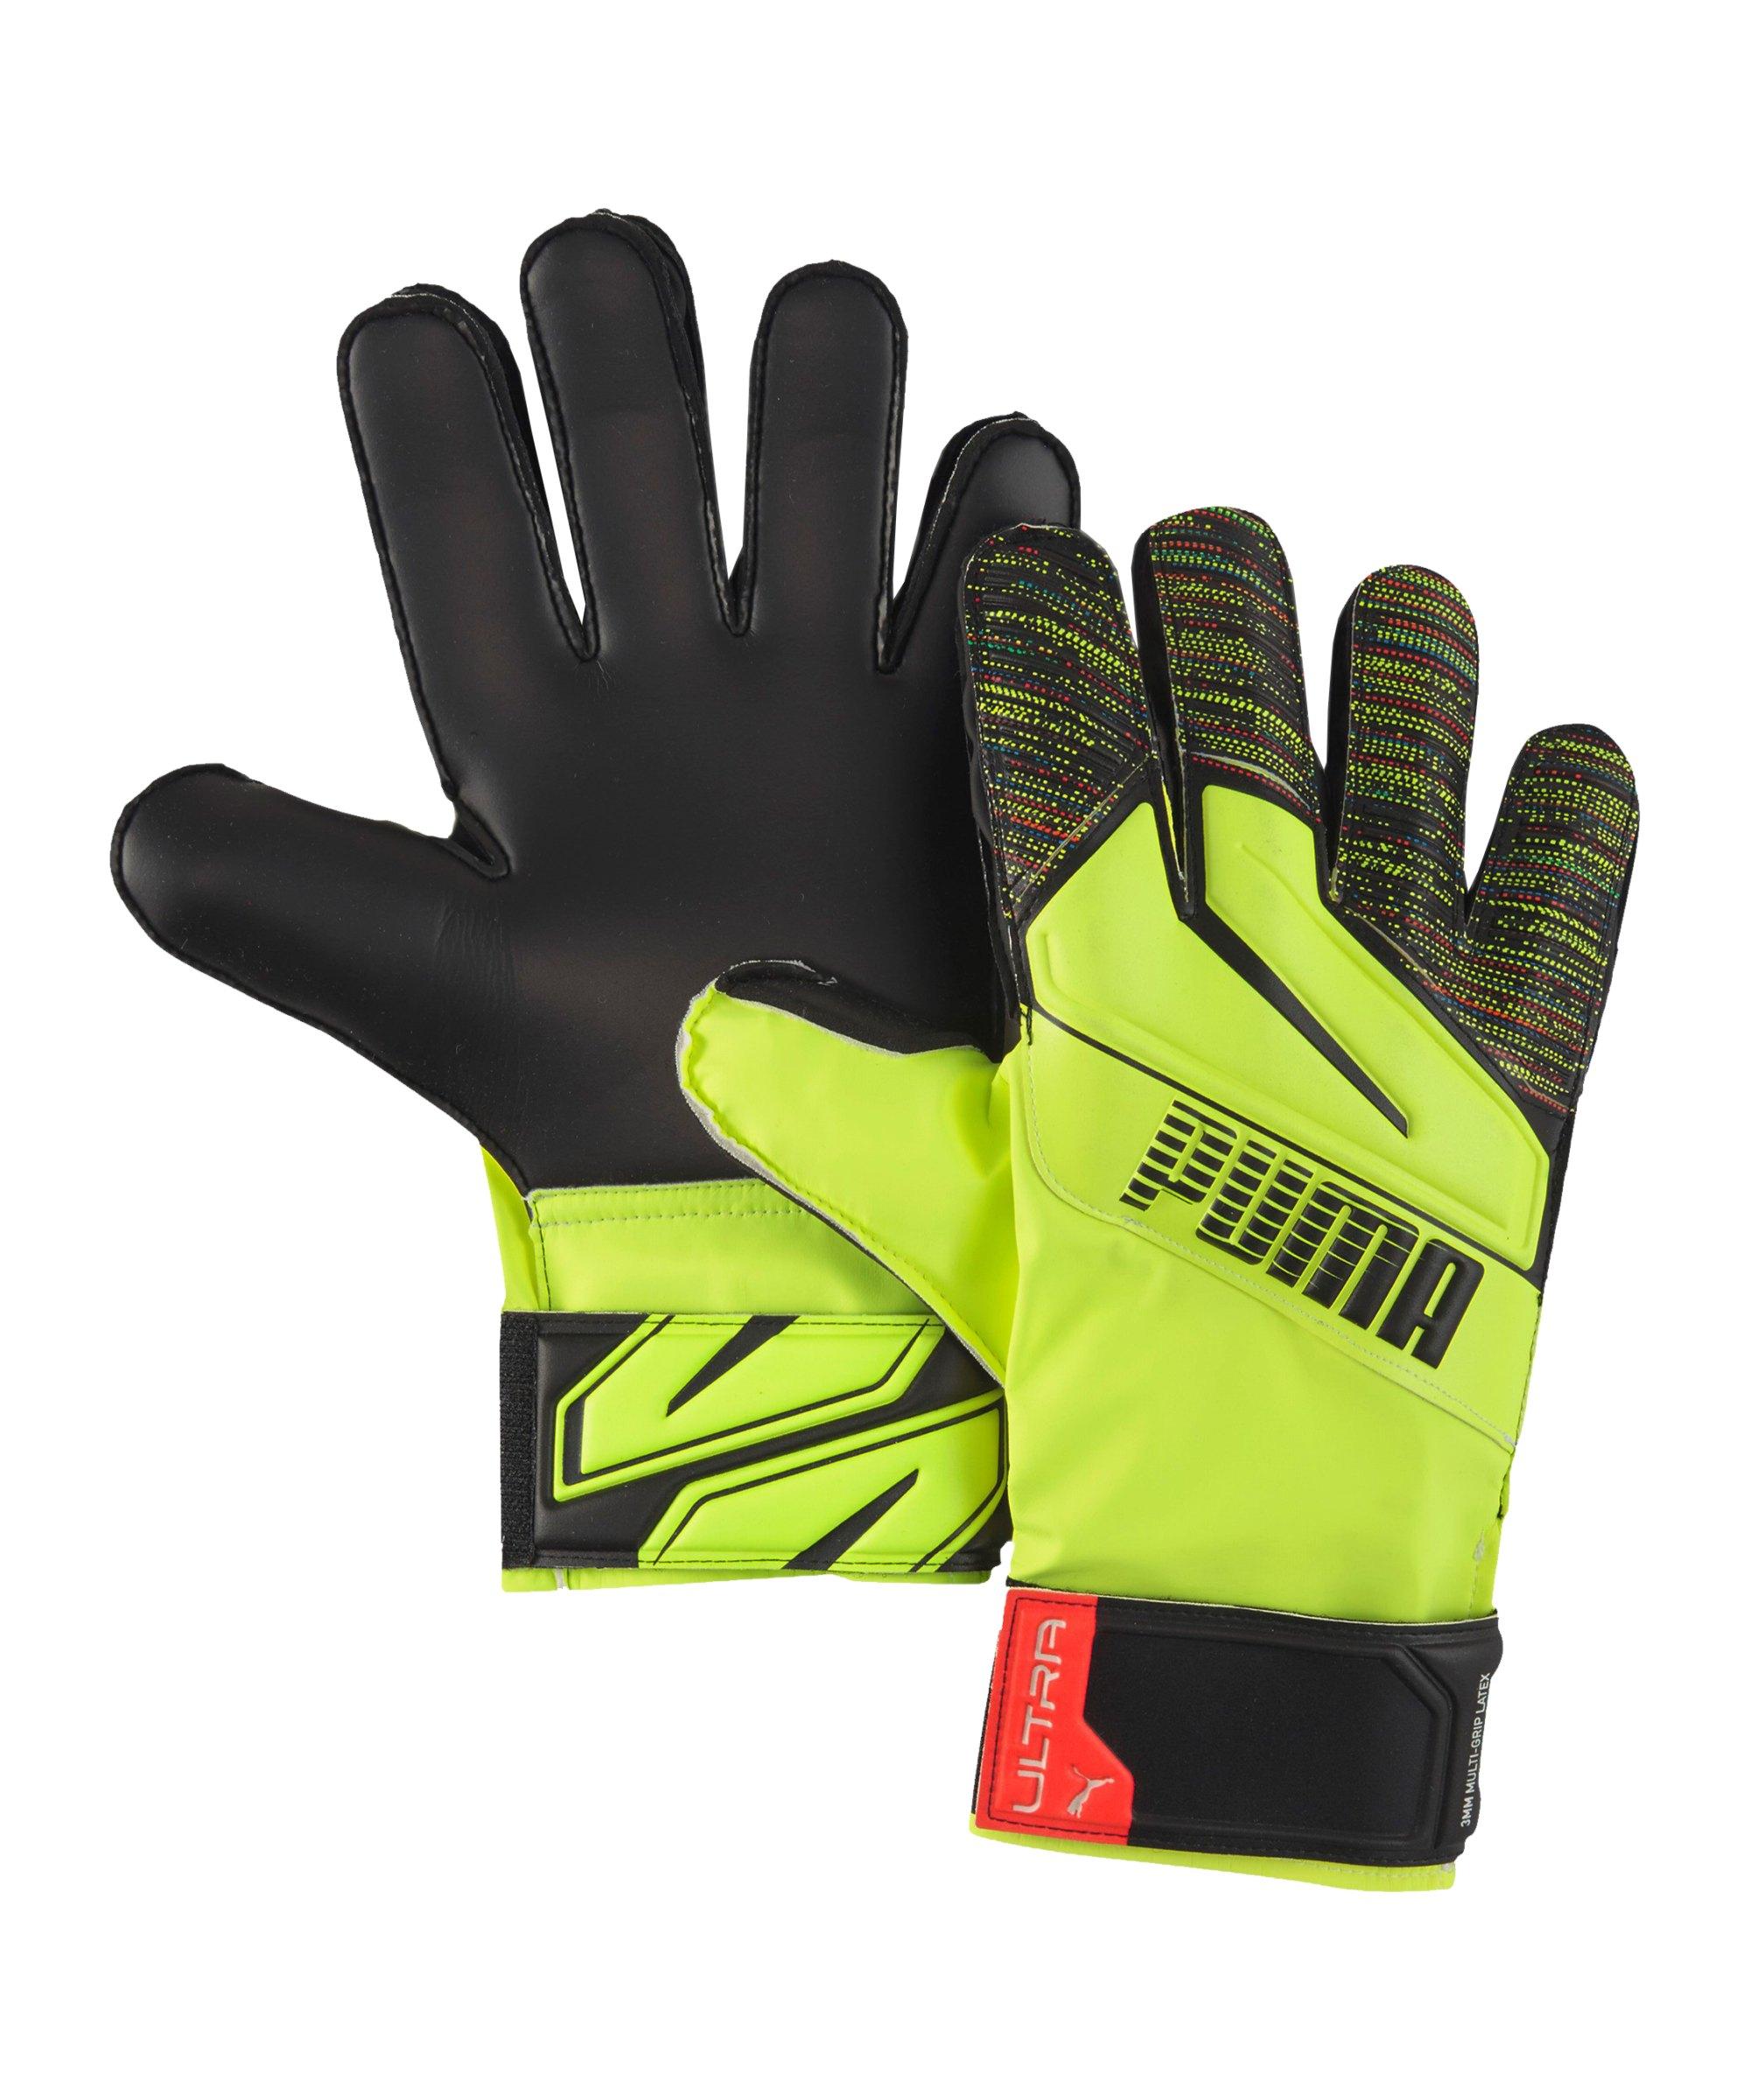 PUMA ULTRA Protect 3 RC TW-Handschuh Gelb F02 - gelb